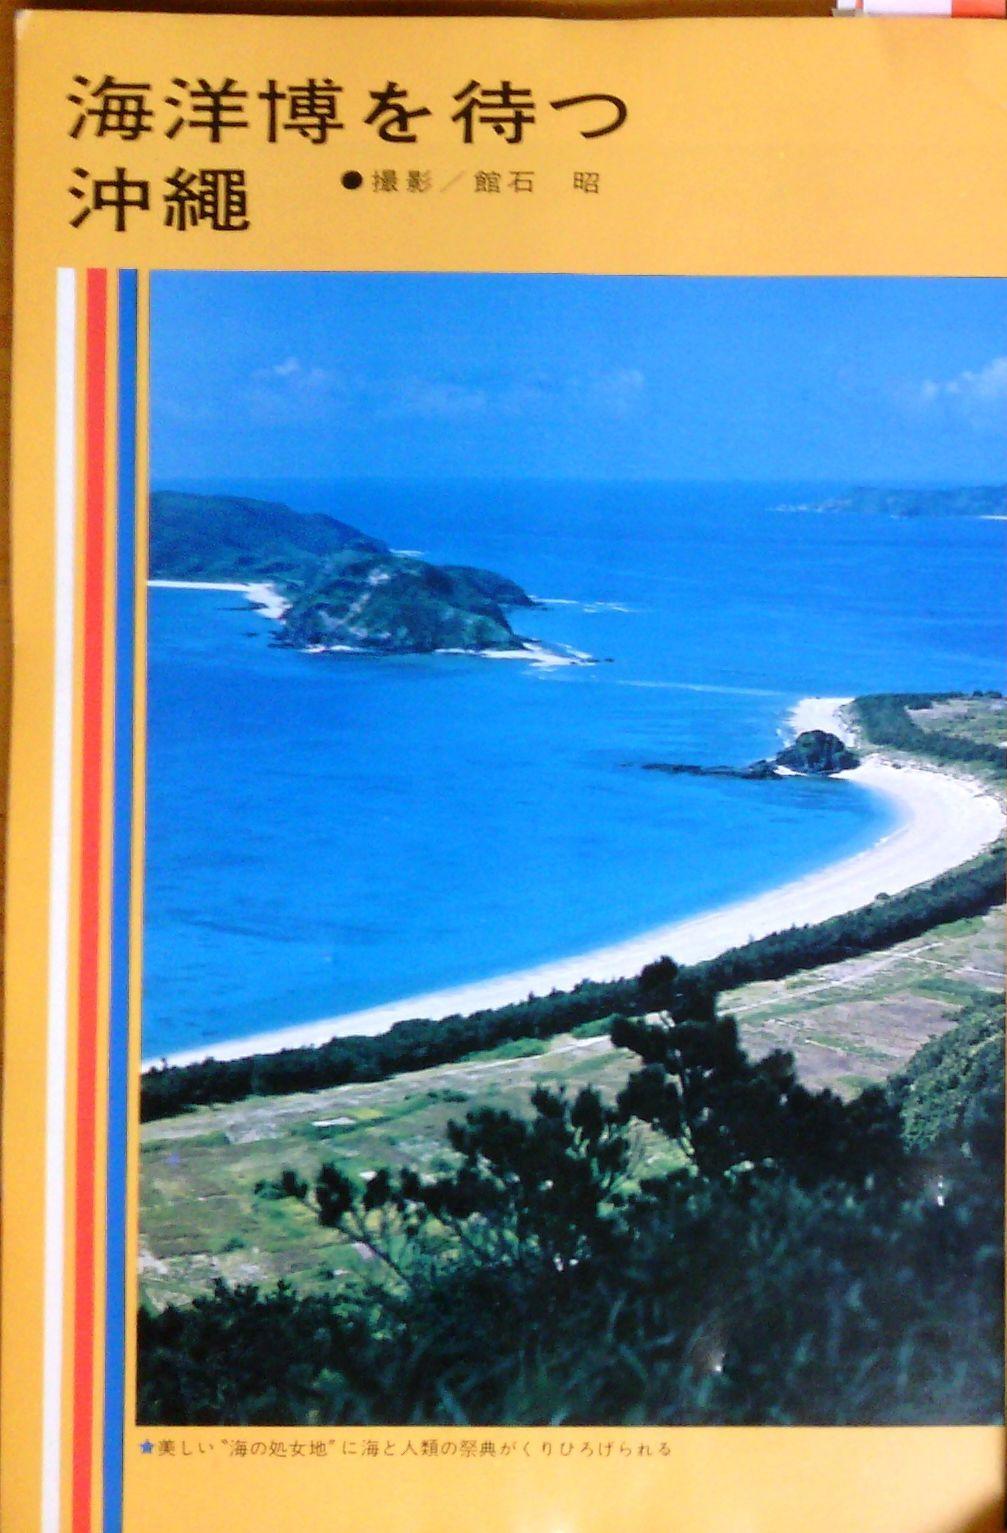 0326 ダイビングの歴史58 海の世界 1972-01_b0075059_13331920.jpg